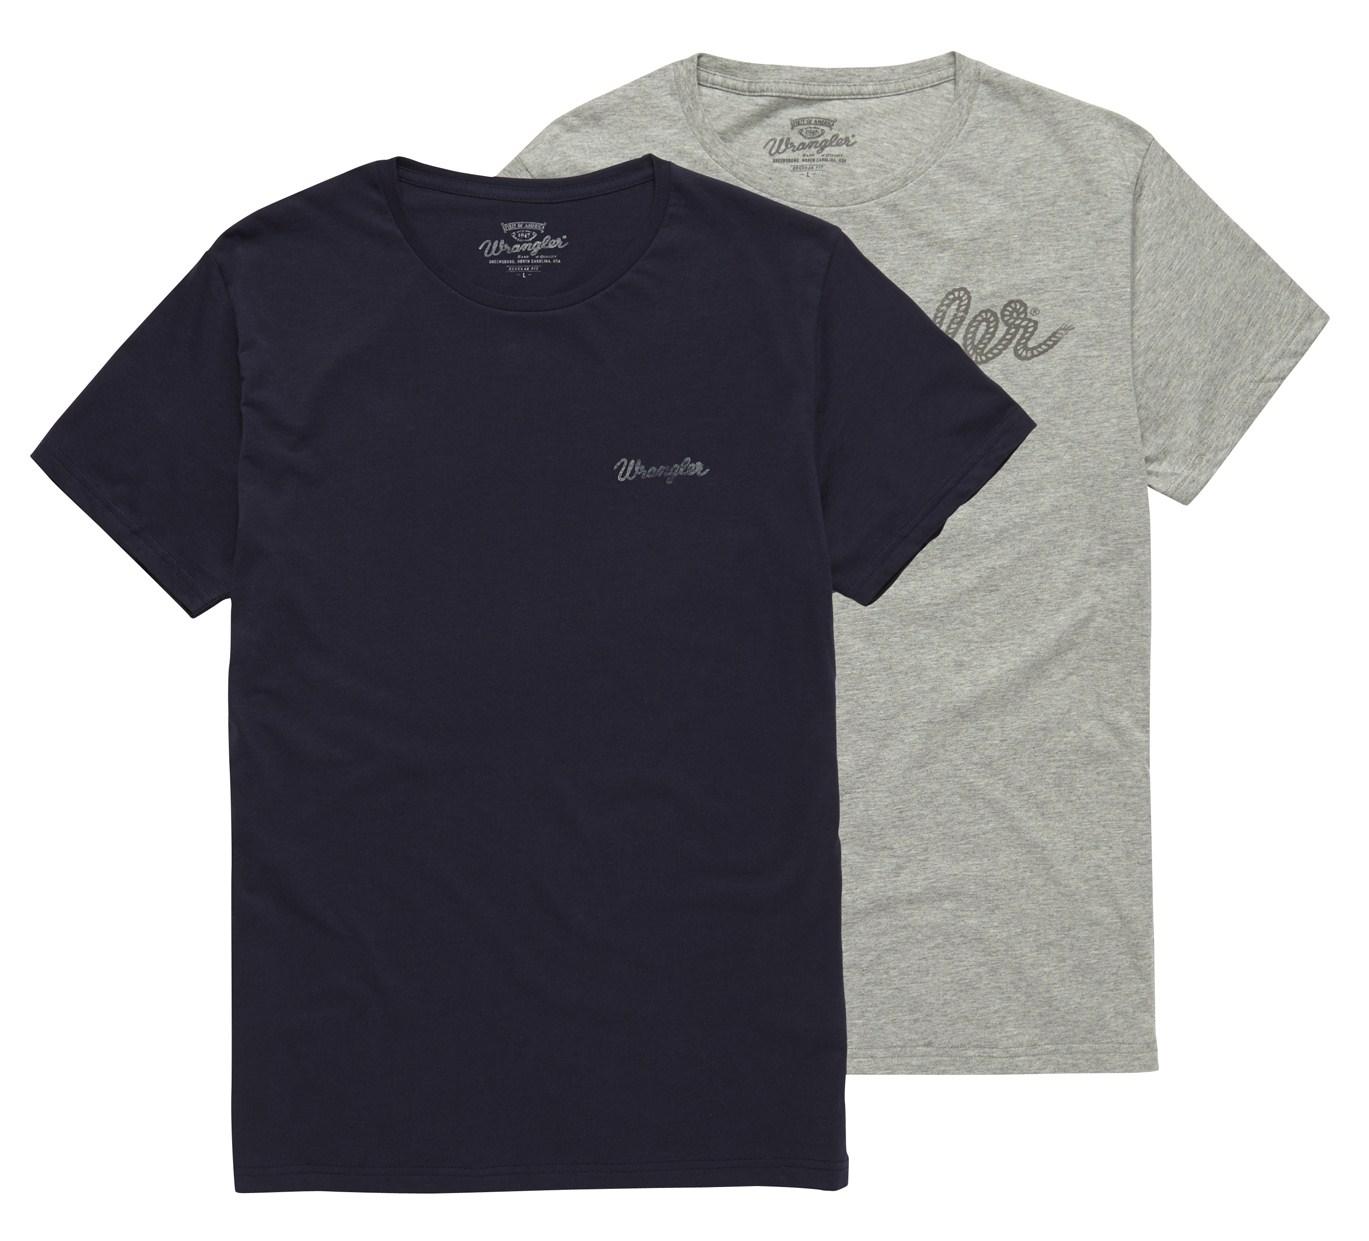 Pánská trička WRANGLER W7883FQ35 2 PACK LOGO T REGULAR FIT Velikost: S